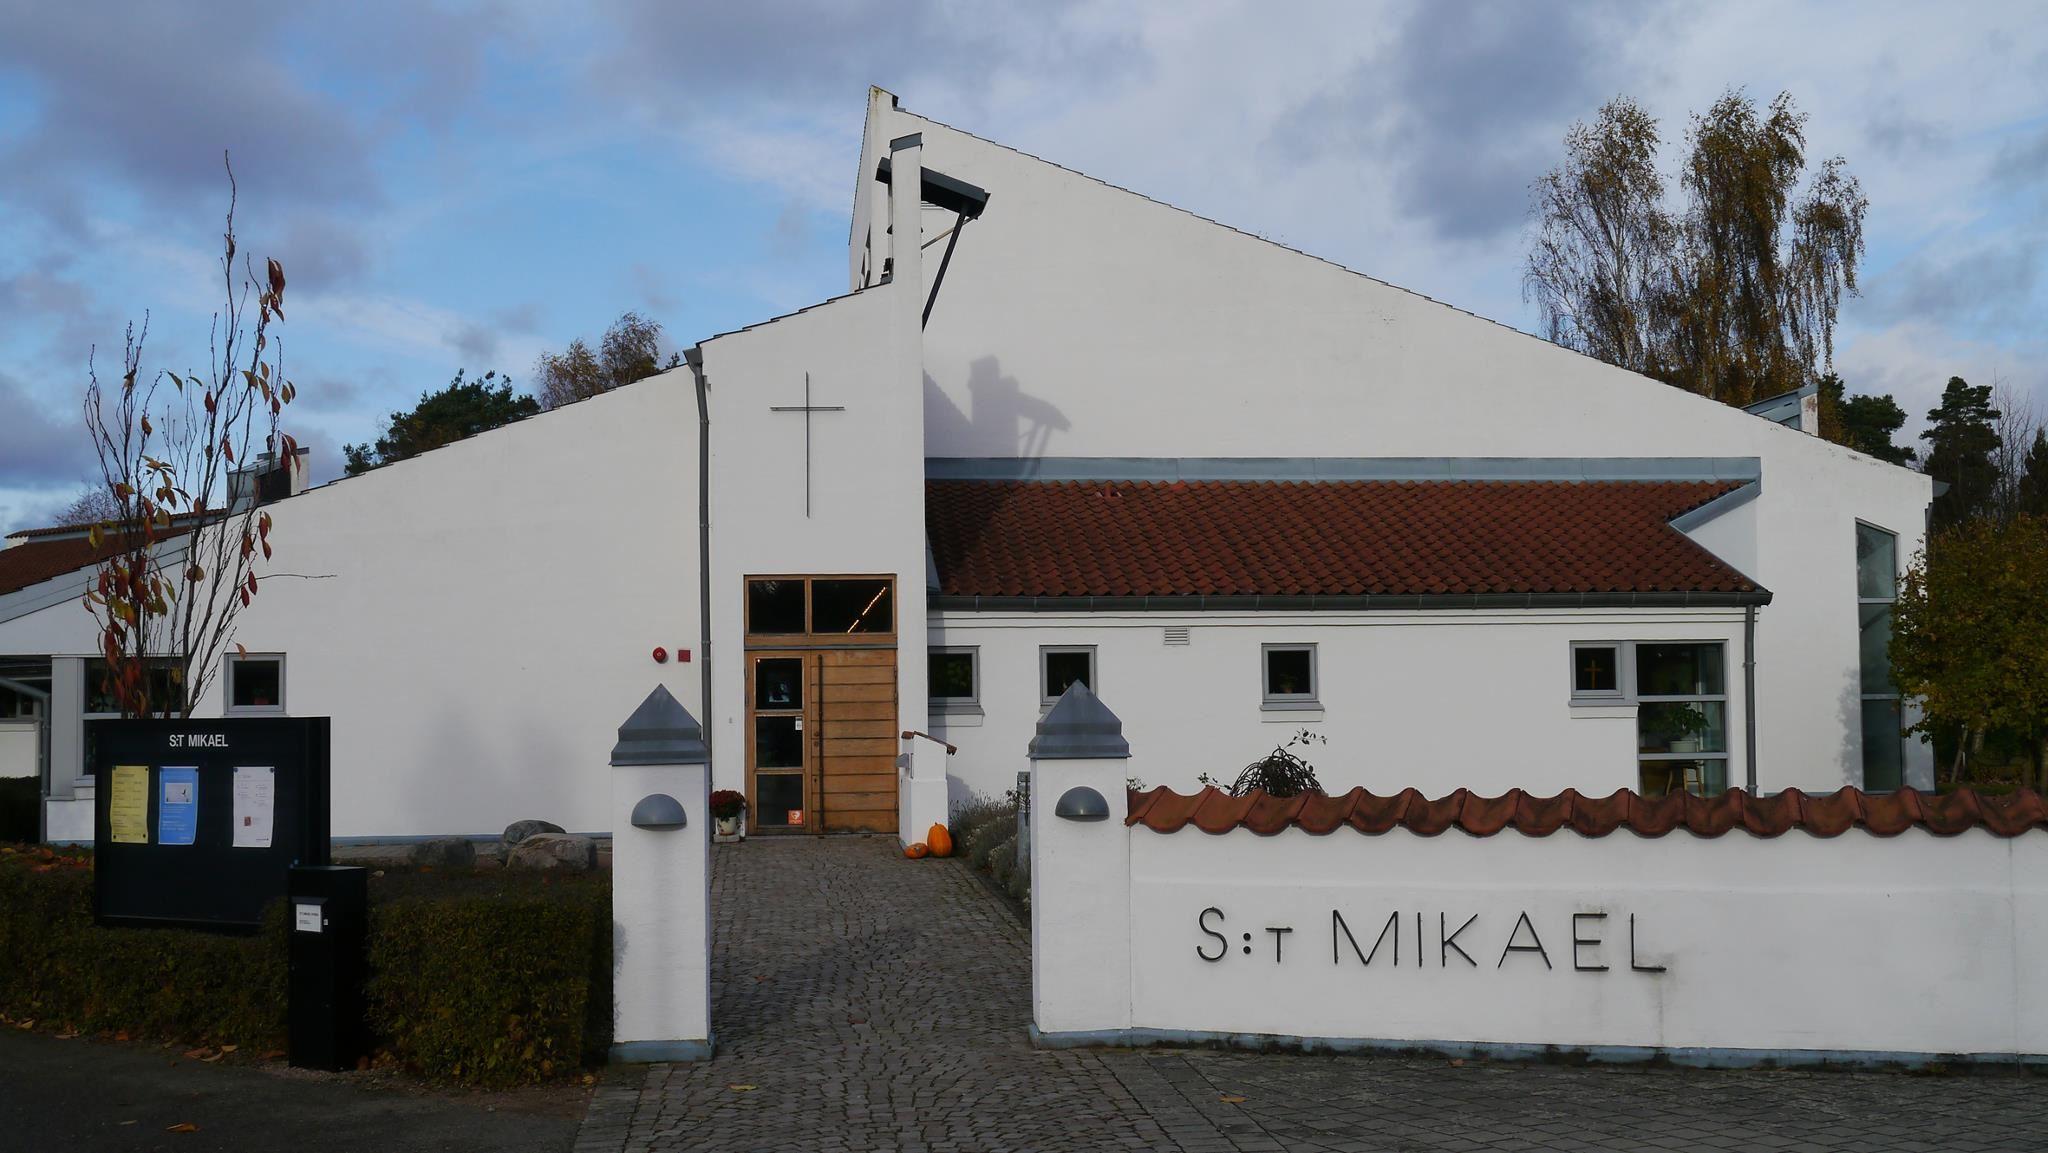 S:t Mikaels Kirche